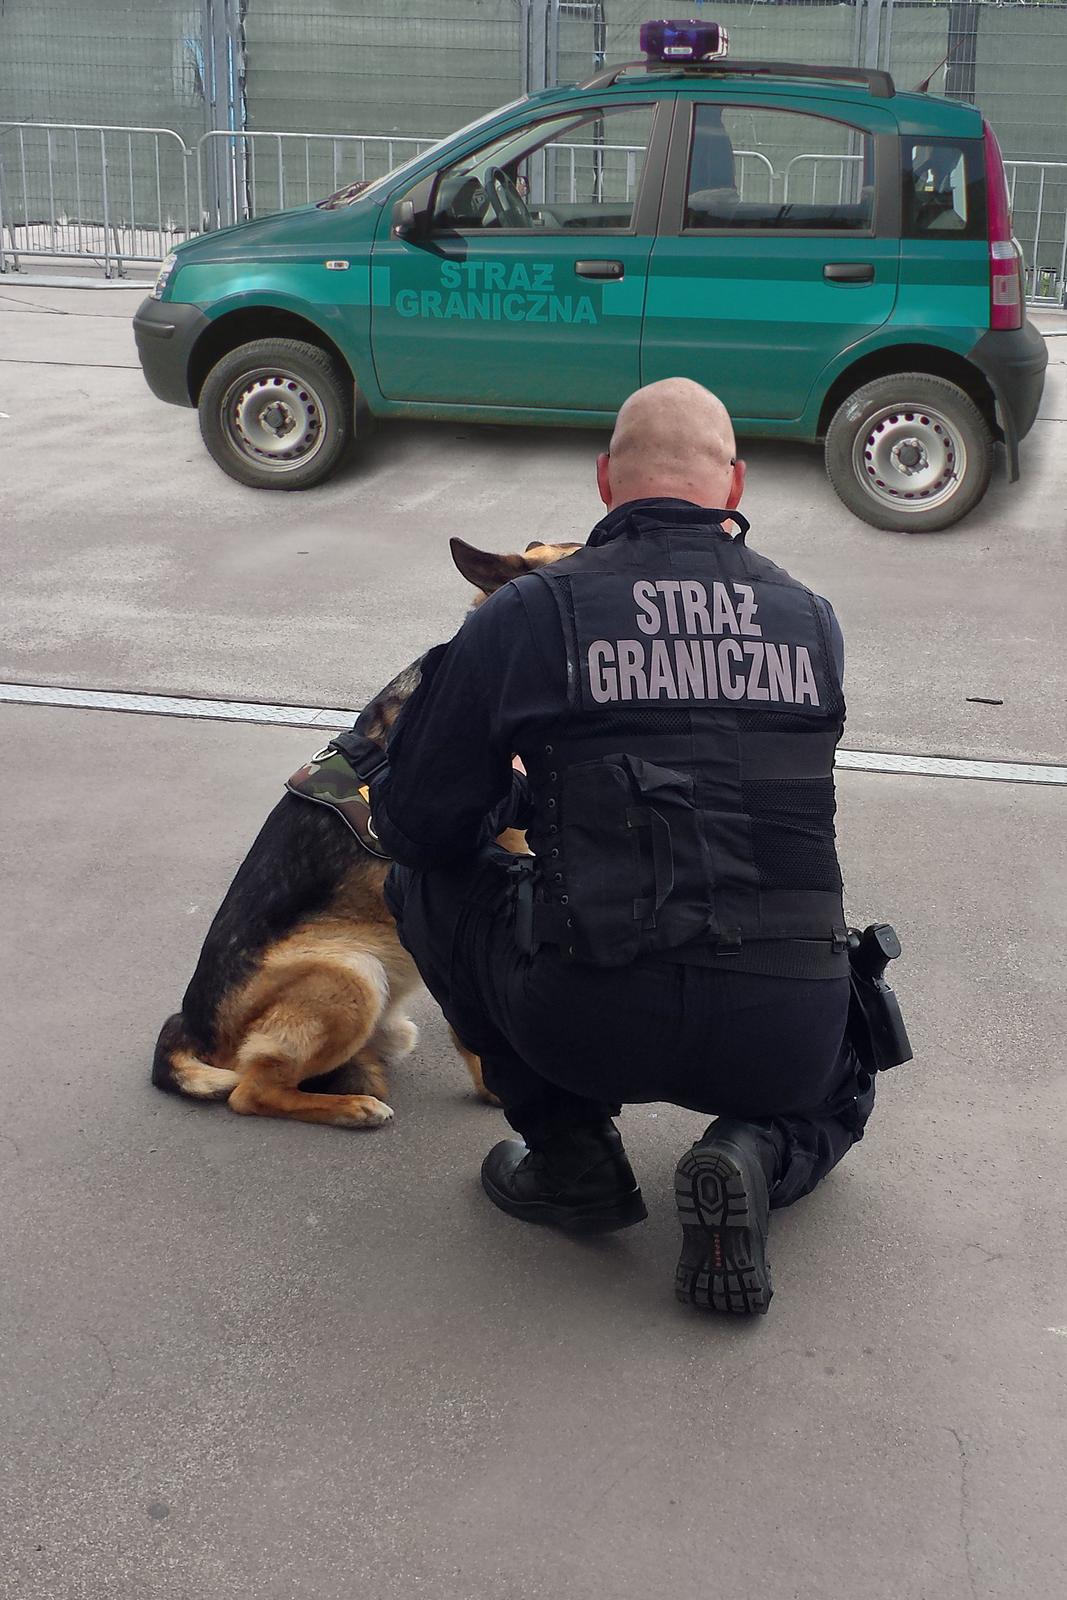 Kolorowe zdjęcie przedstawia funkcjonariusza straży granicznej. Funkcjonariusz przykucnął obok psa na ulicy, obok pobocza. Mężczyzna tyłem do obserwatora zdjęcia. Ubrany wczarny mundur służbowy. Na plecach napis Straż Graniczna. Na lewo, przed funkcjonariuszem, siedzi owczarek niemiecki. Wgłębi zdjęcia stoi mały zielony zaparkowany samochód. Na przednich drzwiach kierowcy napis: straż graniczna.